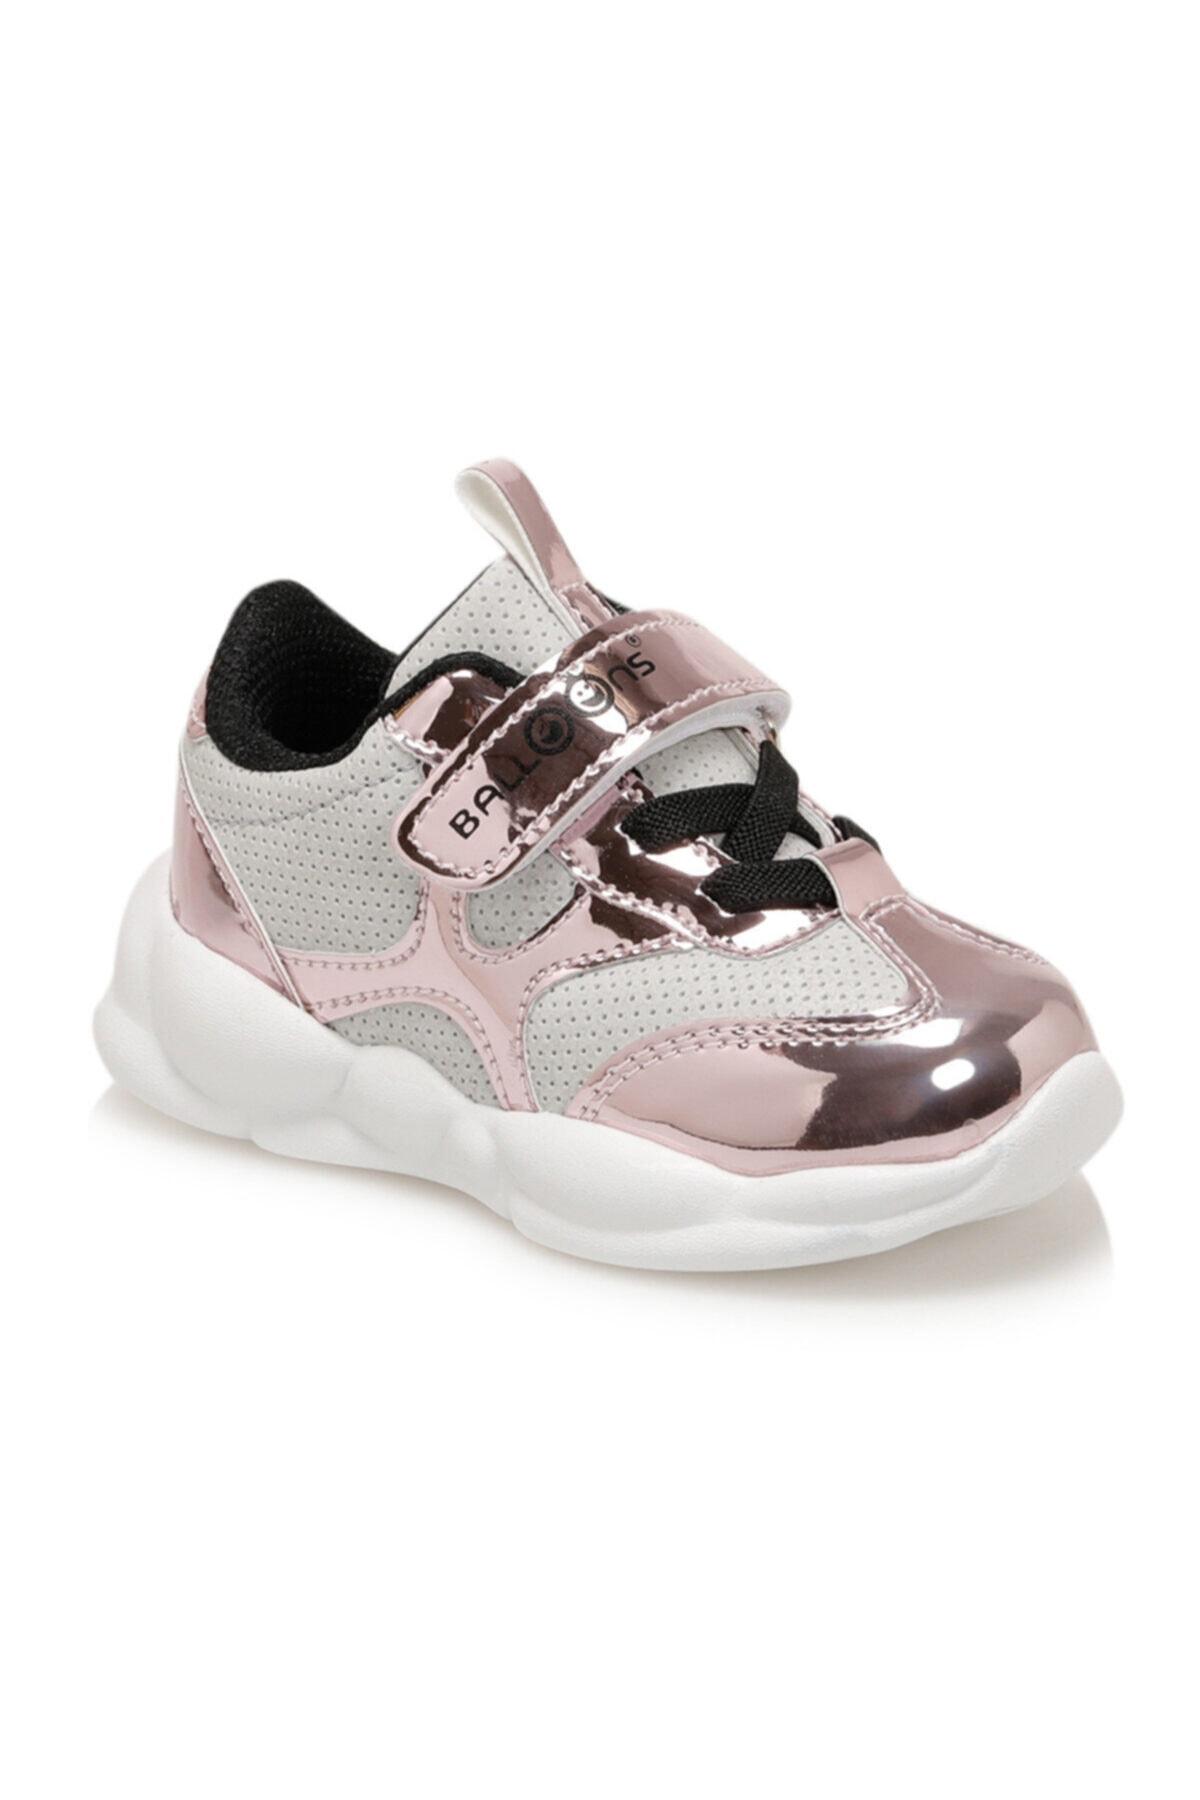 BALLOON-S NUNEZ Pembe Kız Çocuk Fashion Sneaker 100570590 1